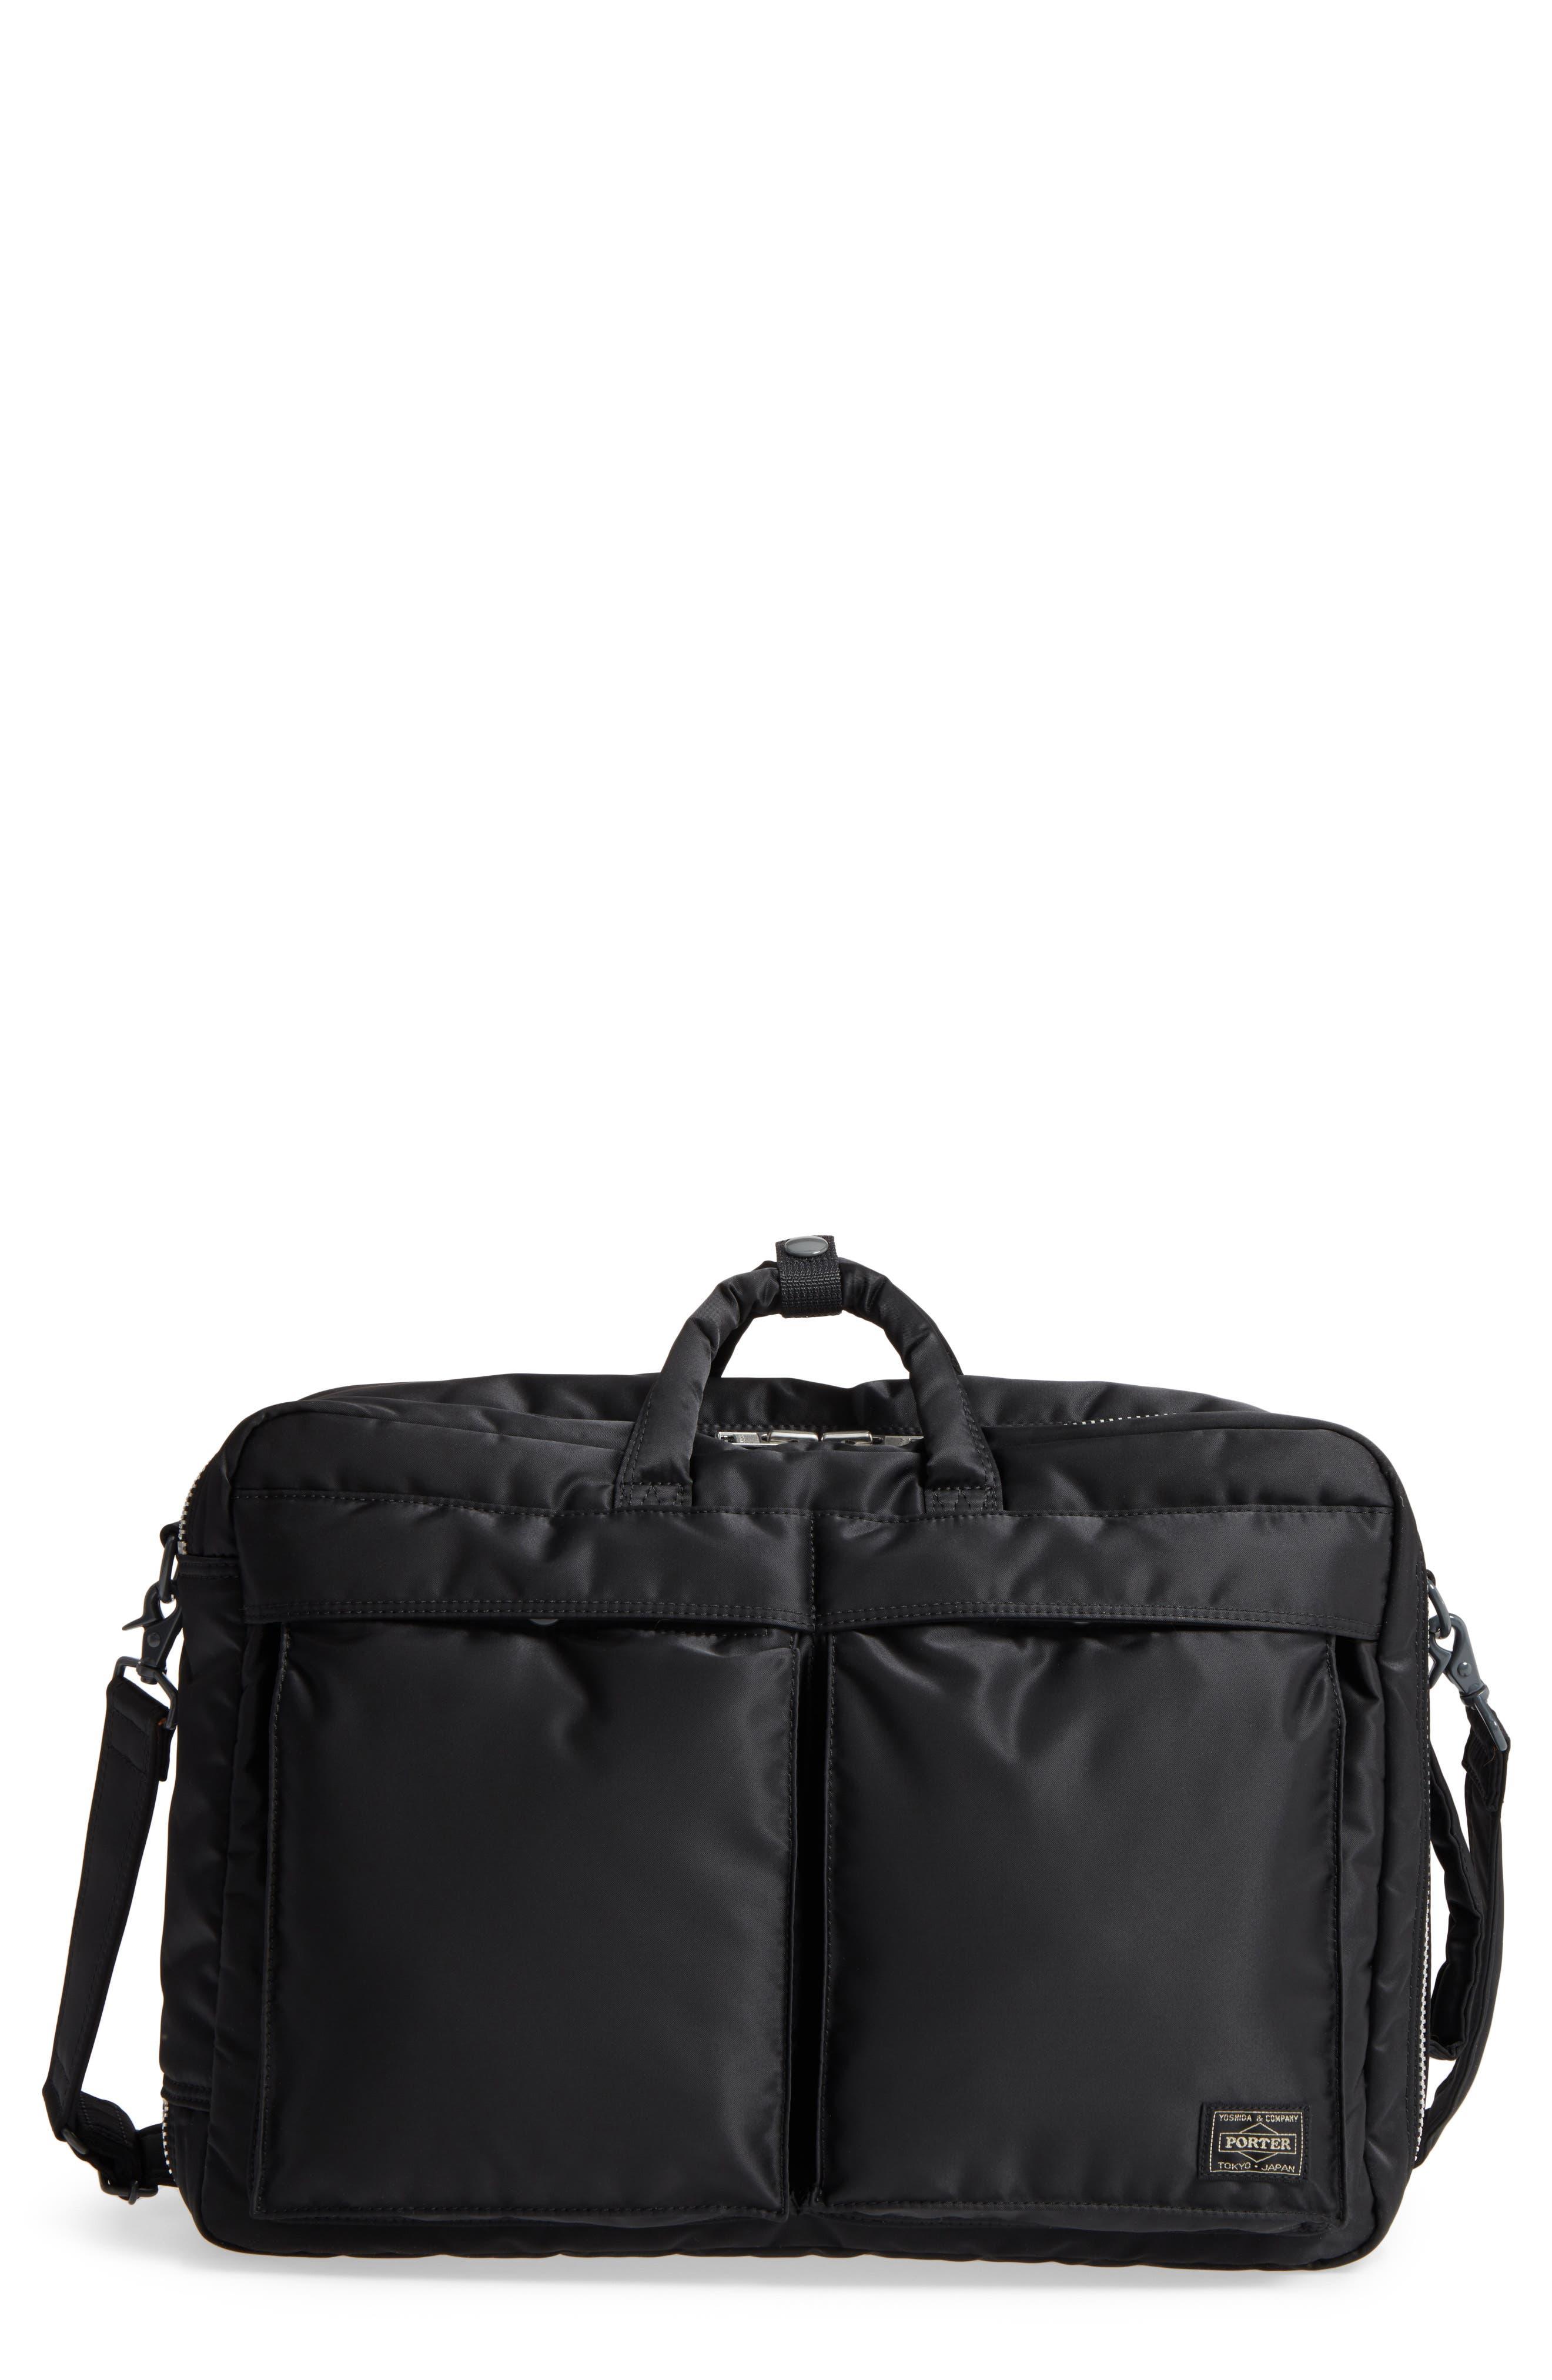 Porter-Yoshida & Co. Tanker Three-Way Briefcase,                         Main,                         color, Black